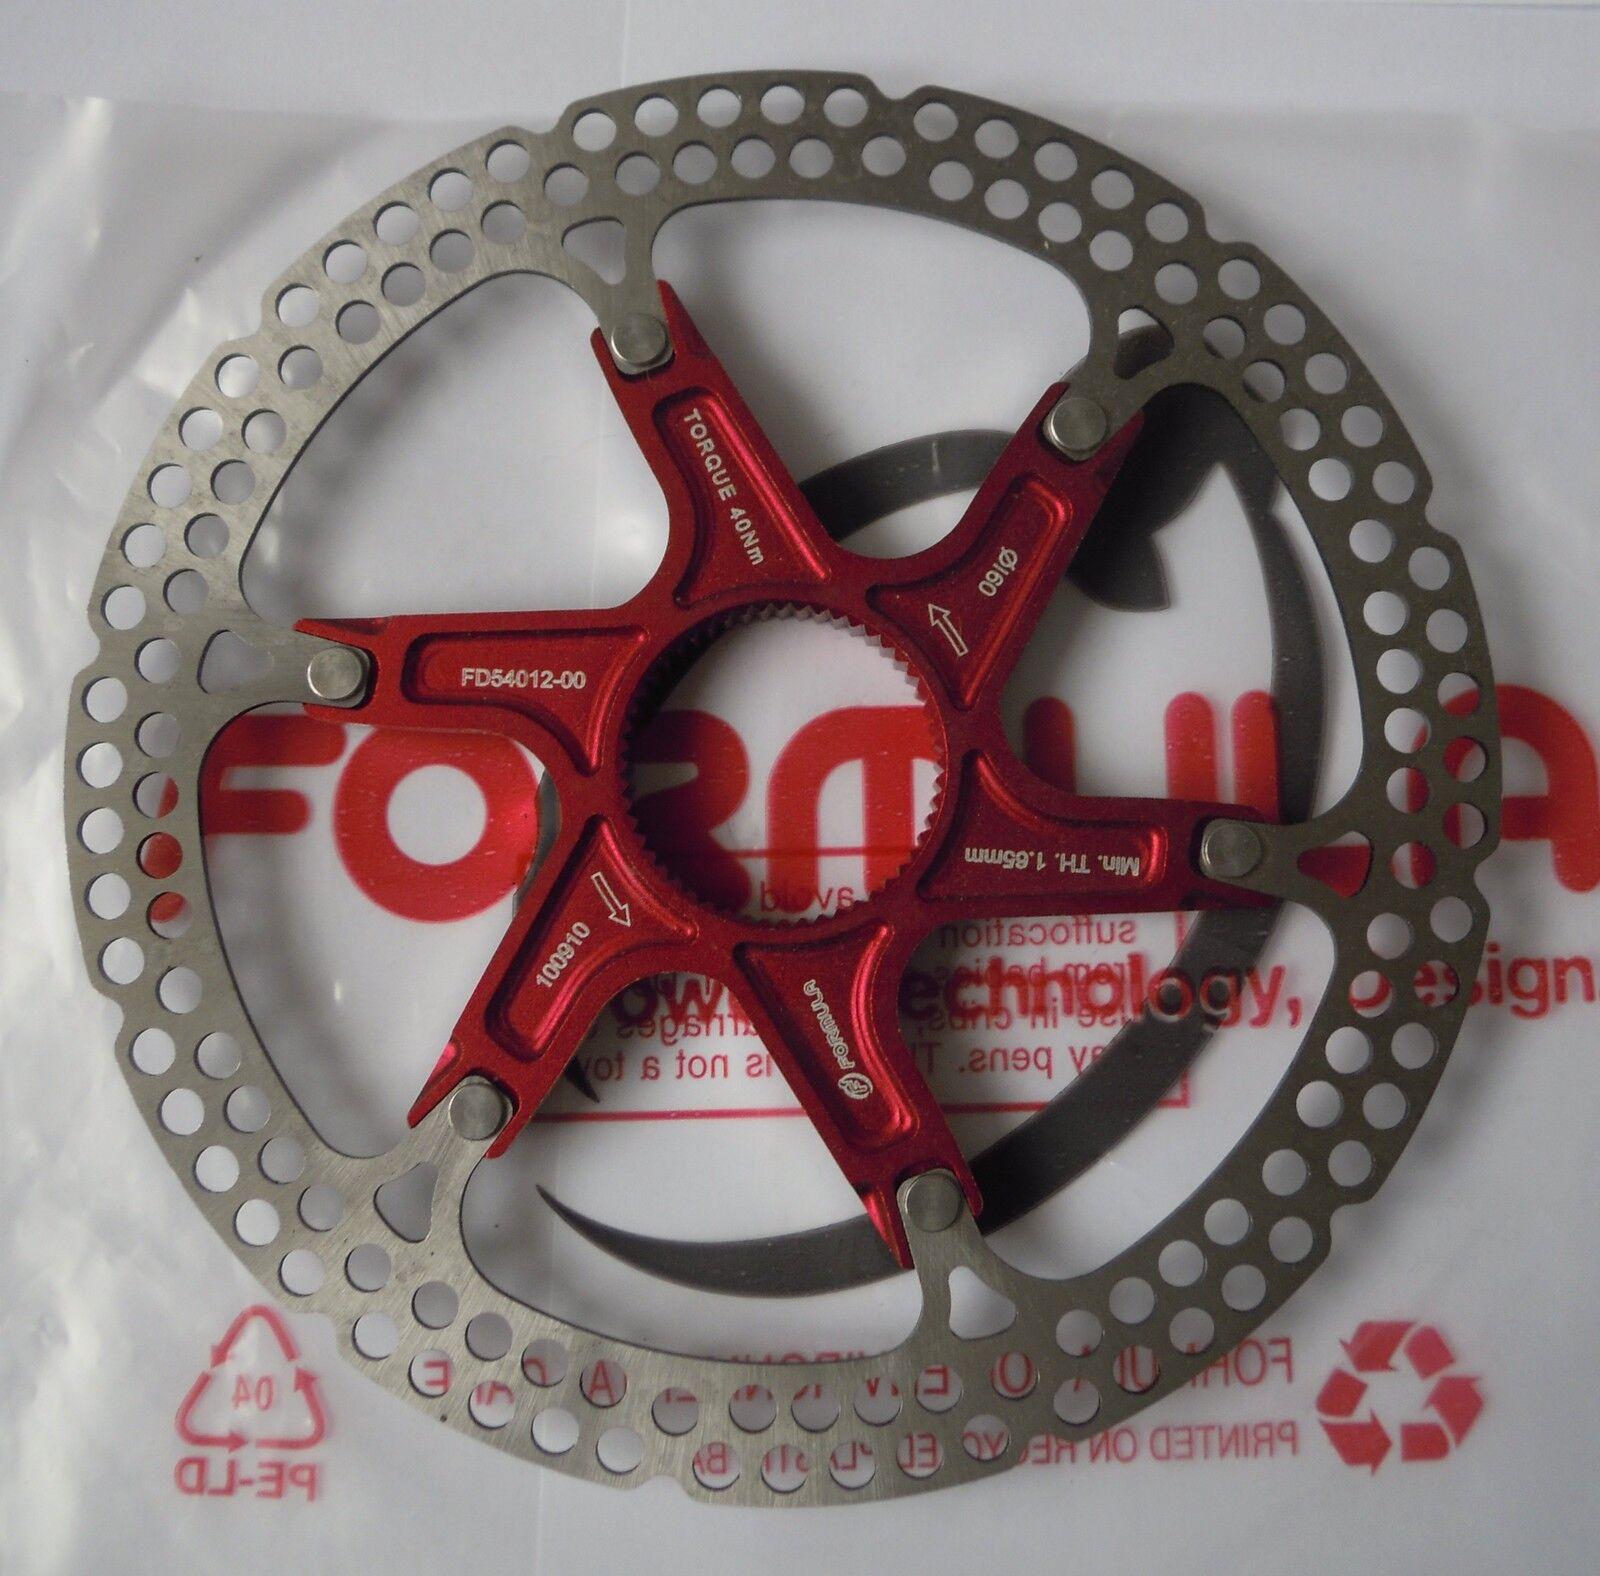 Formula 1 einer Scheibe Modell zwei Teile 2-piece 2-piece 2-piece rot rot CenterLock 160 180mm 9cba54